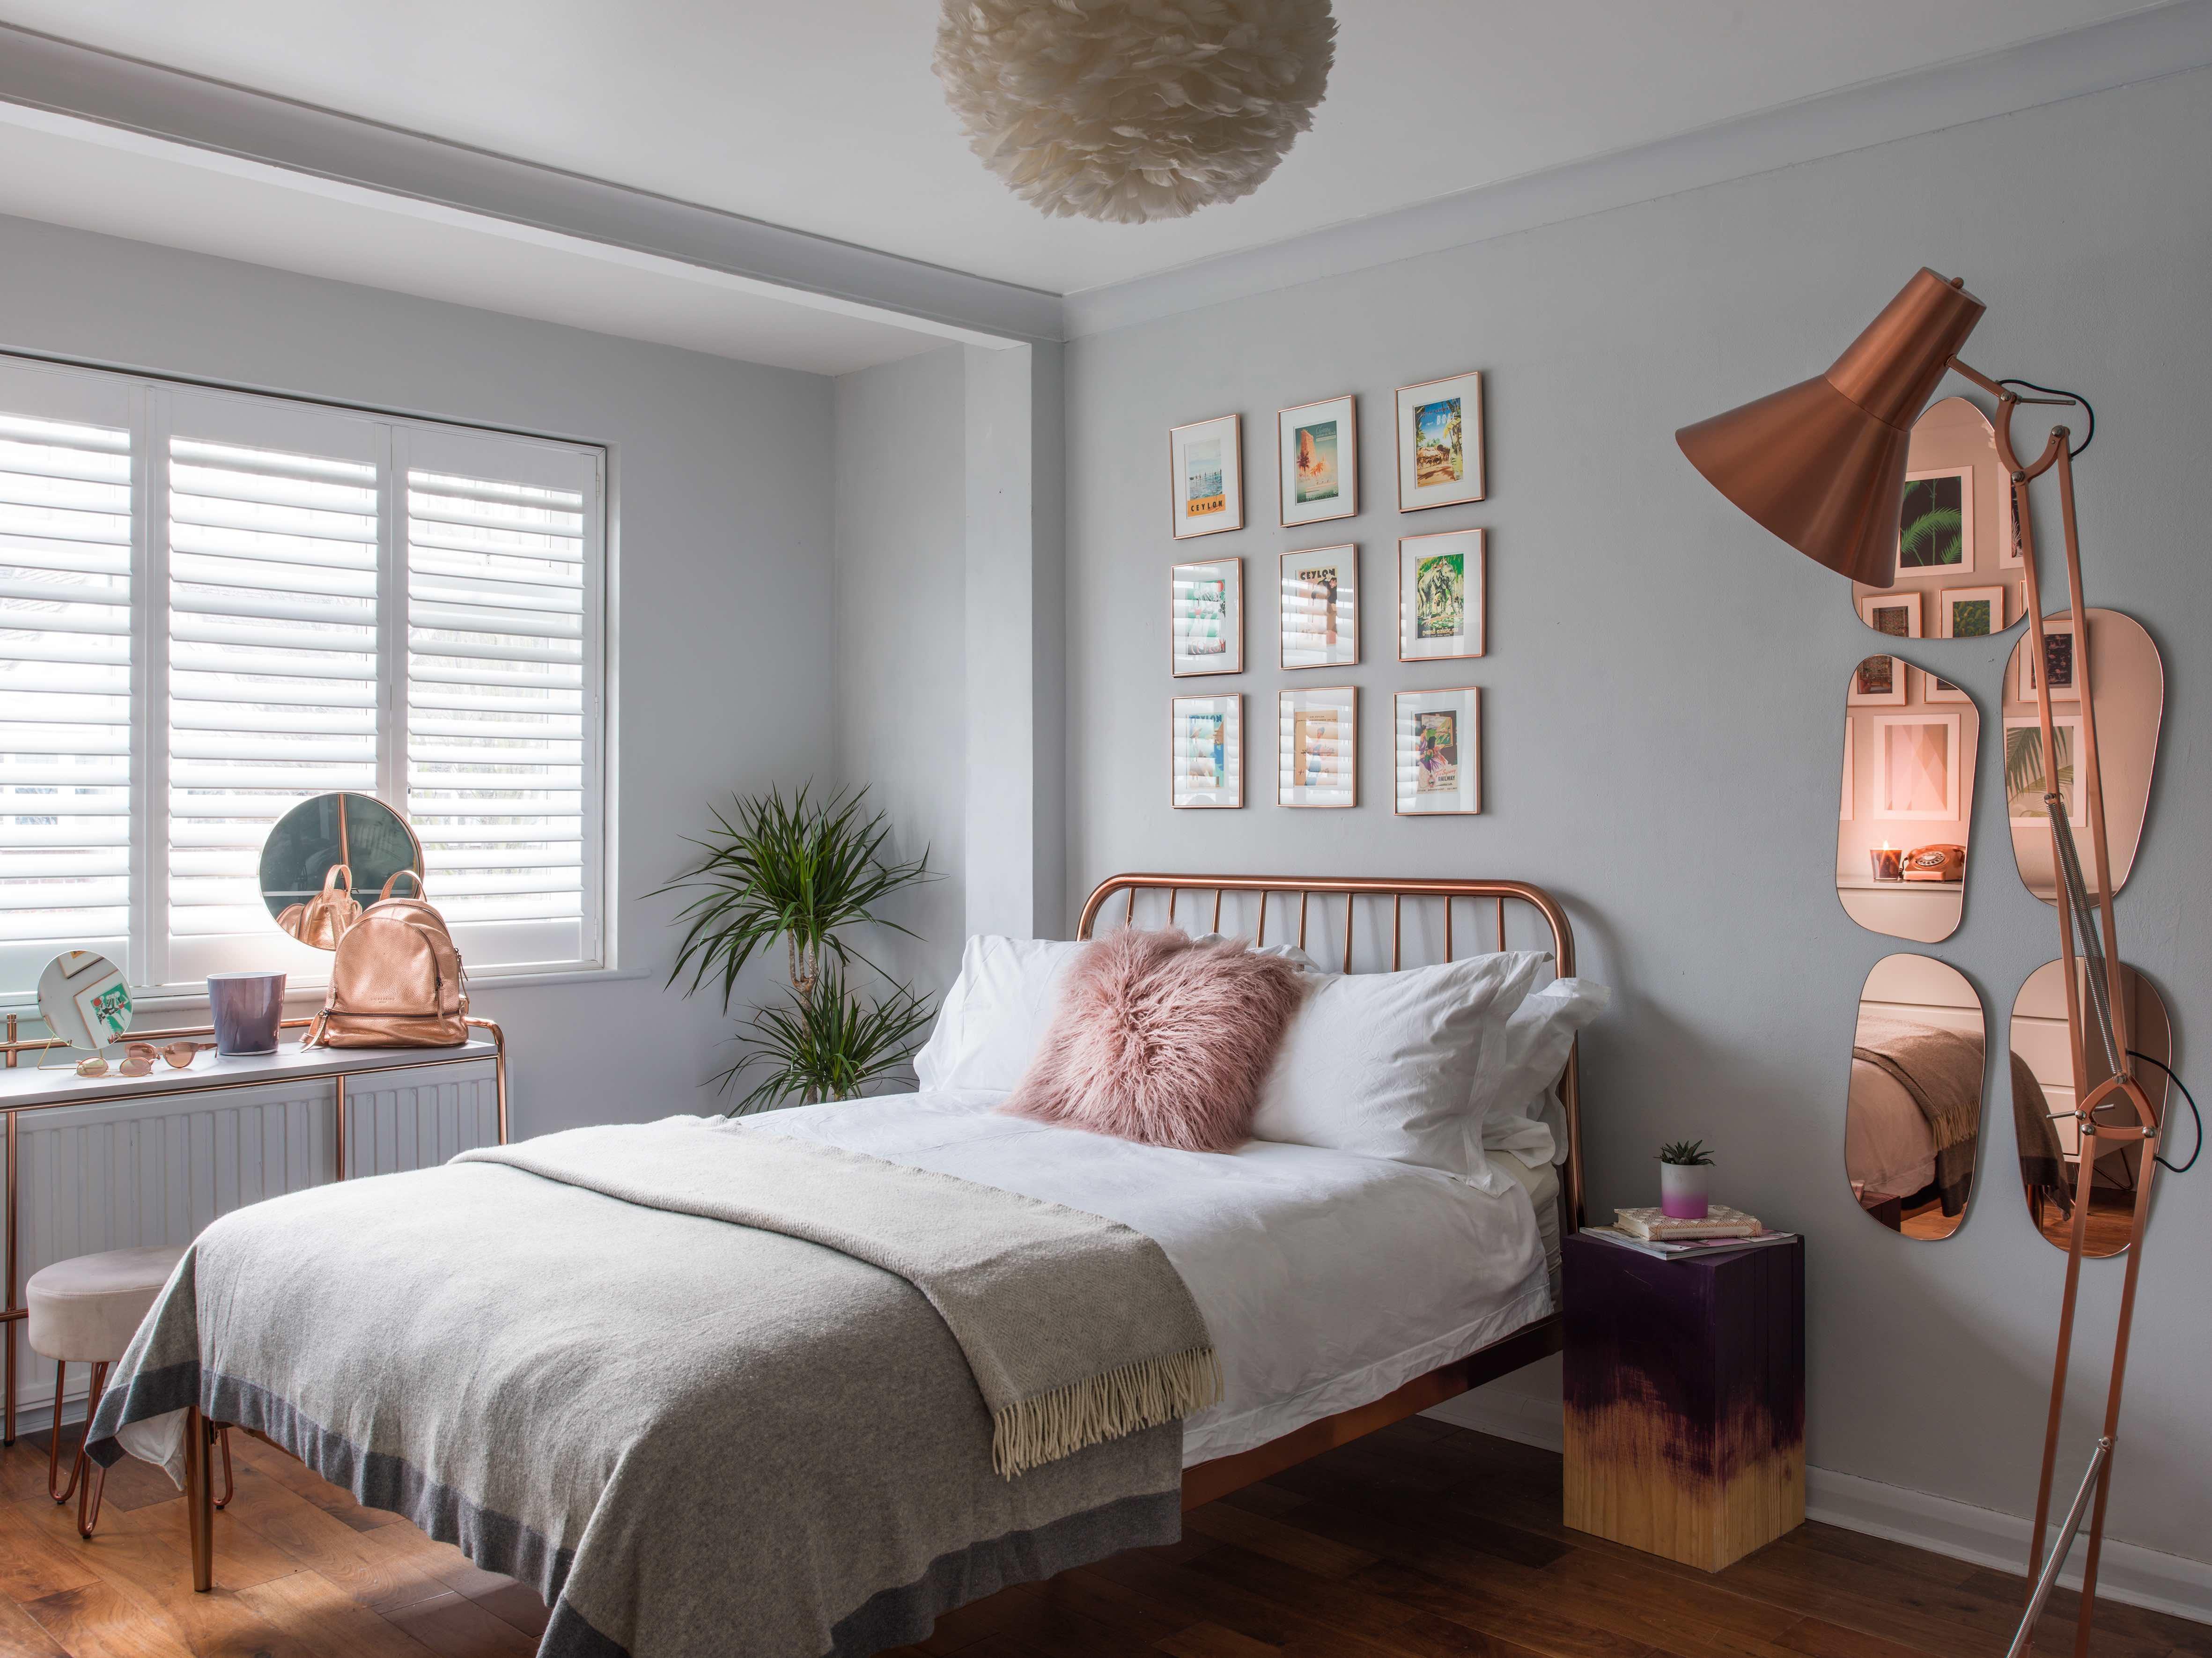 Bedrooms, Teenage Bedrooms West London by Aro Studio